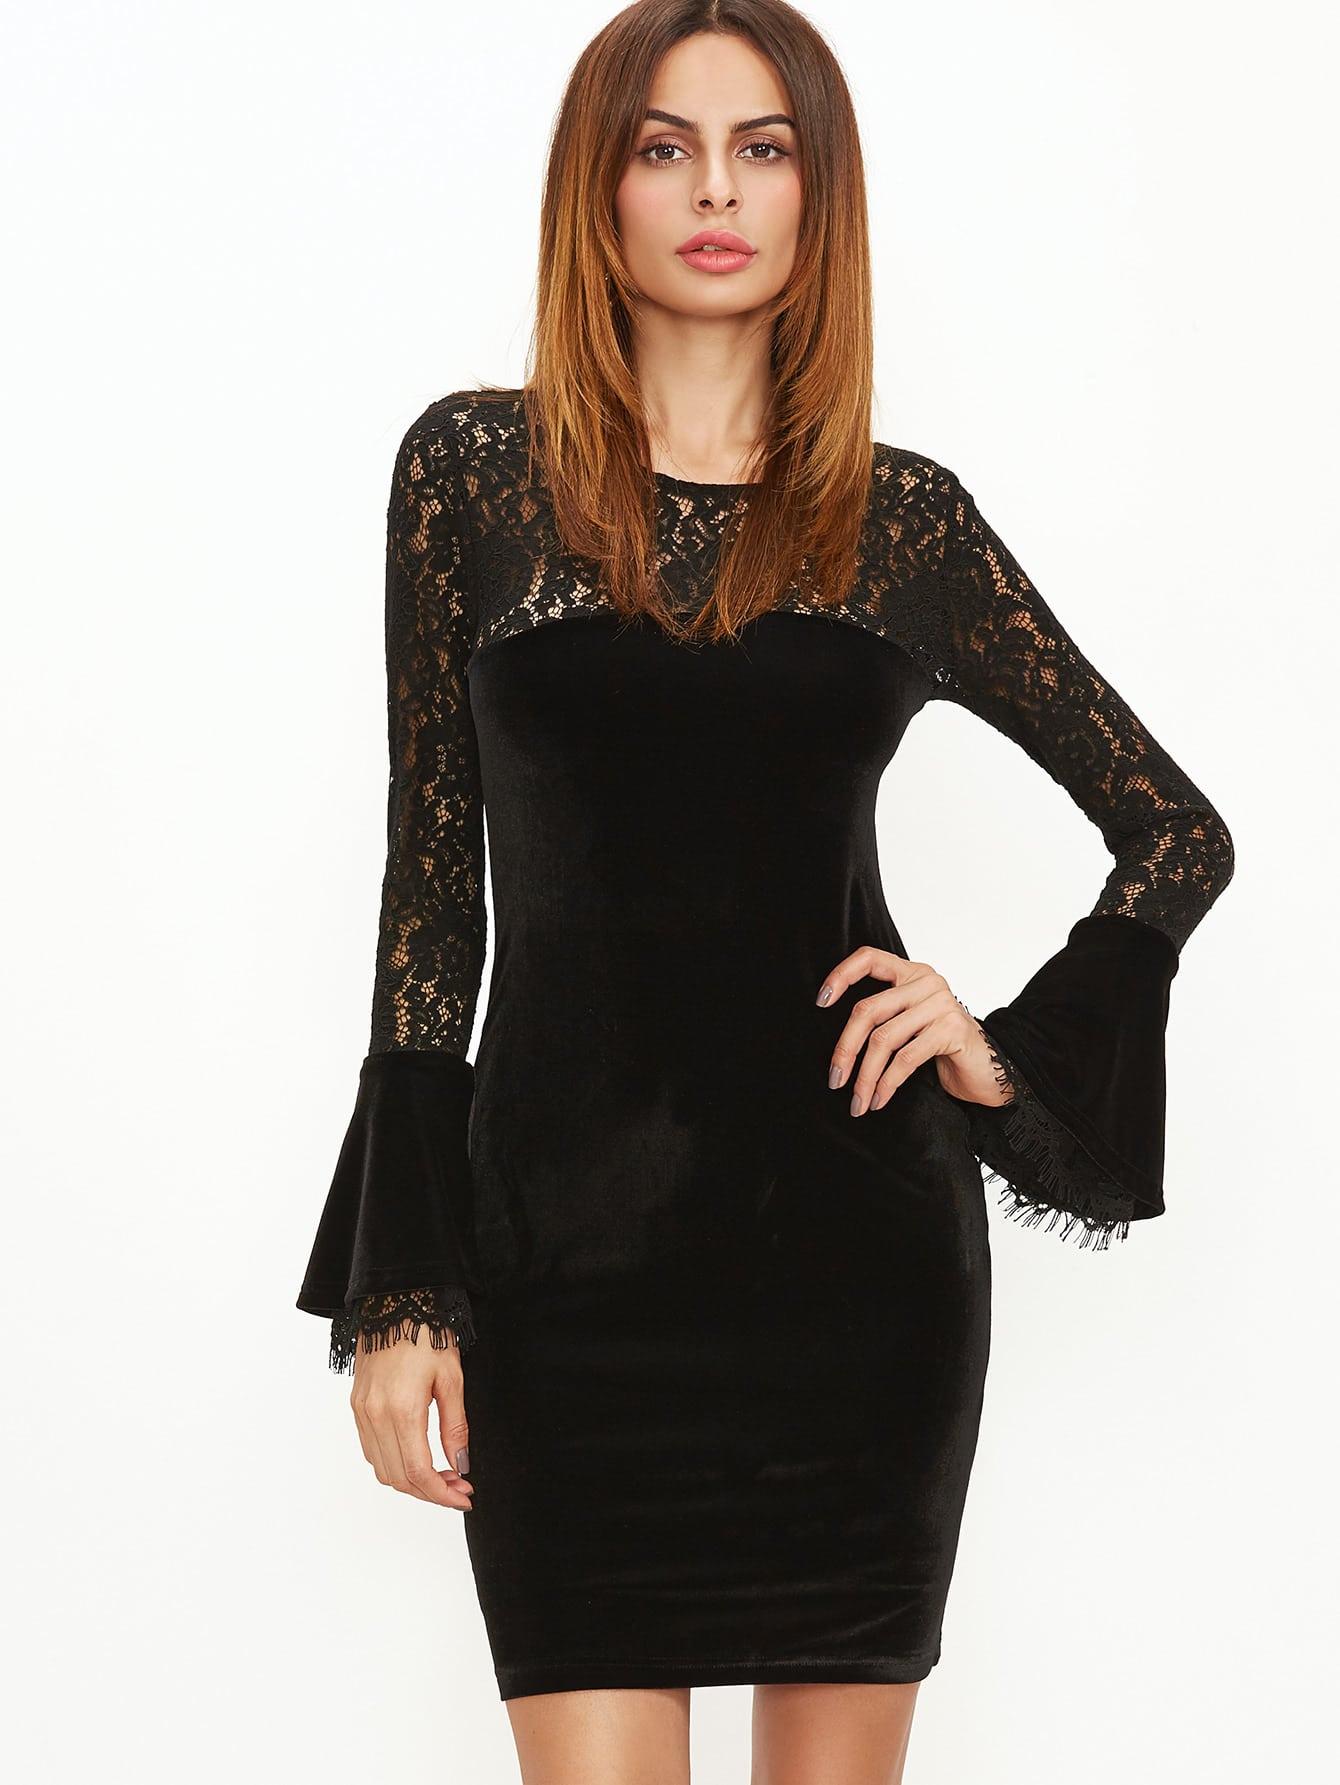 dress161103702_2